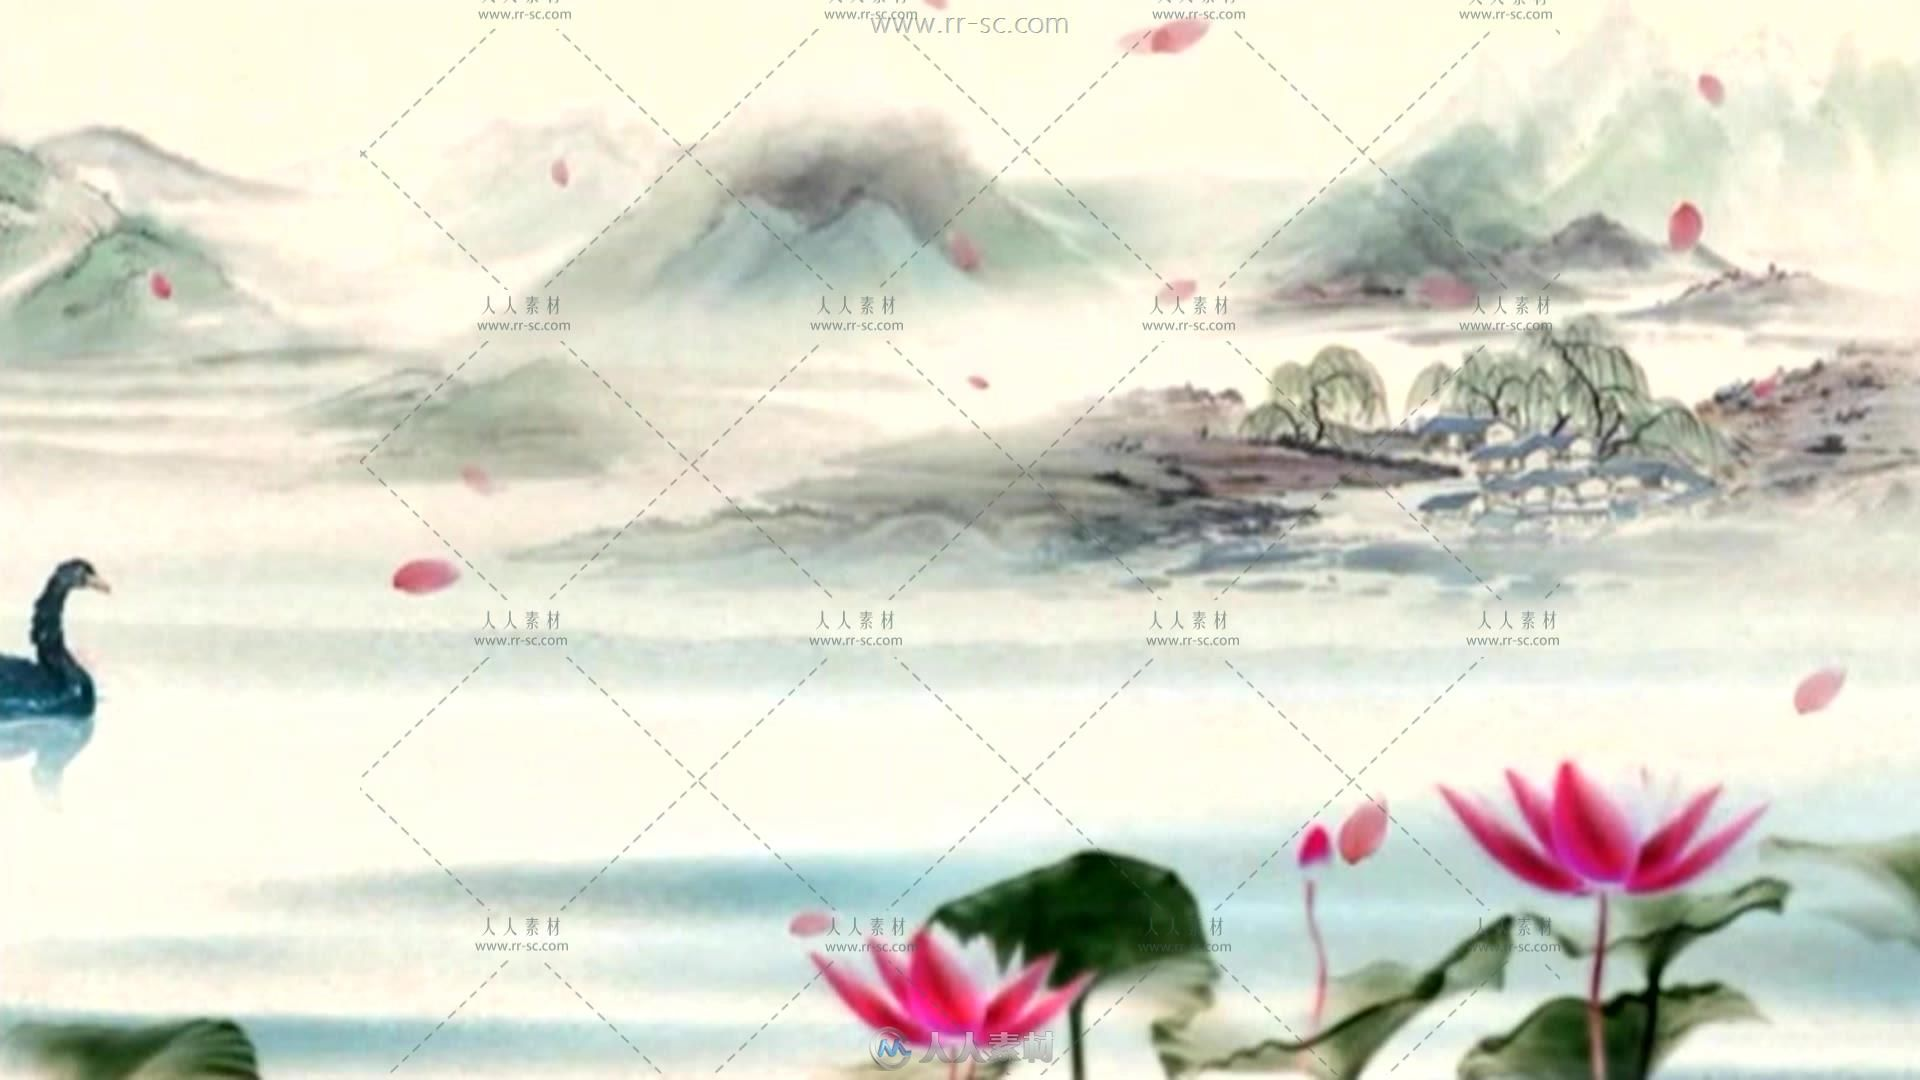 中国风系列水墨荷塘莲花背景视频素材